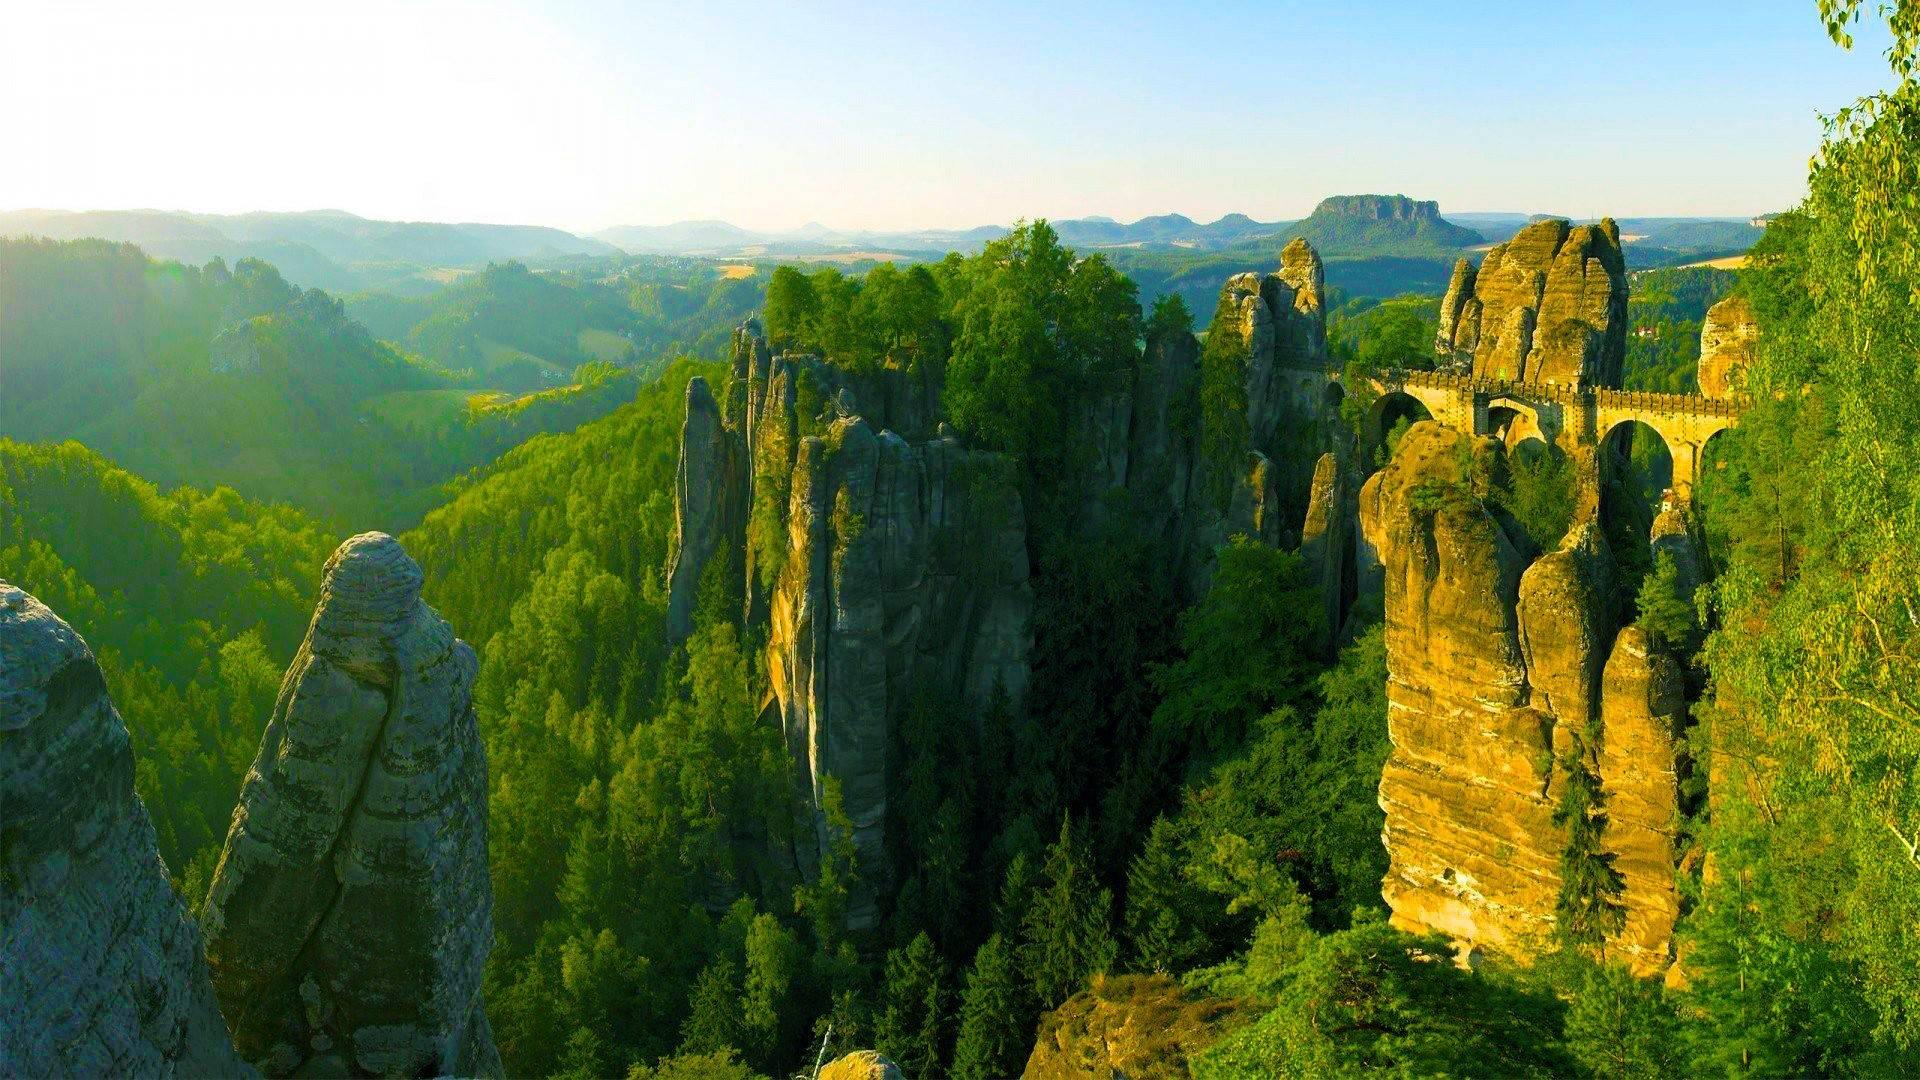 Green Mountains 19201080 Wallpaper 2169651 1920x1080